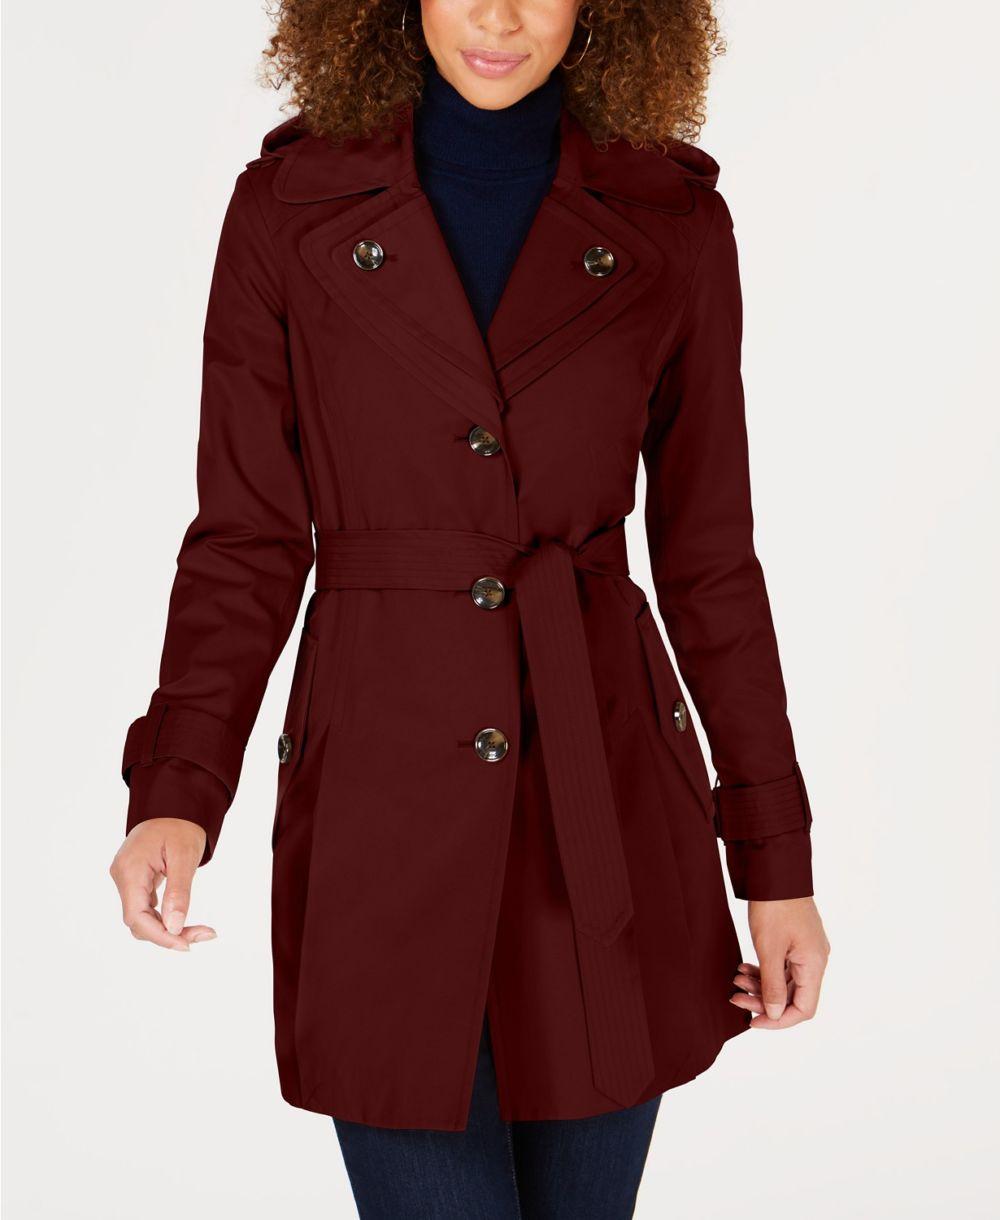 Куртки - весна 2019 года. Женские, мужские, для полных, фото в 2019 году